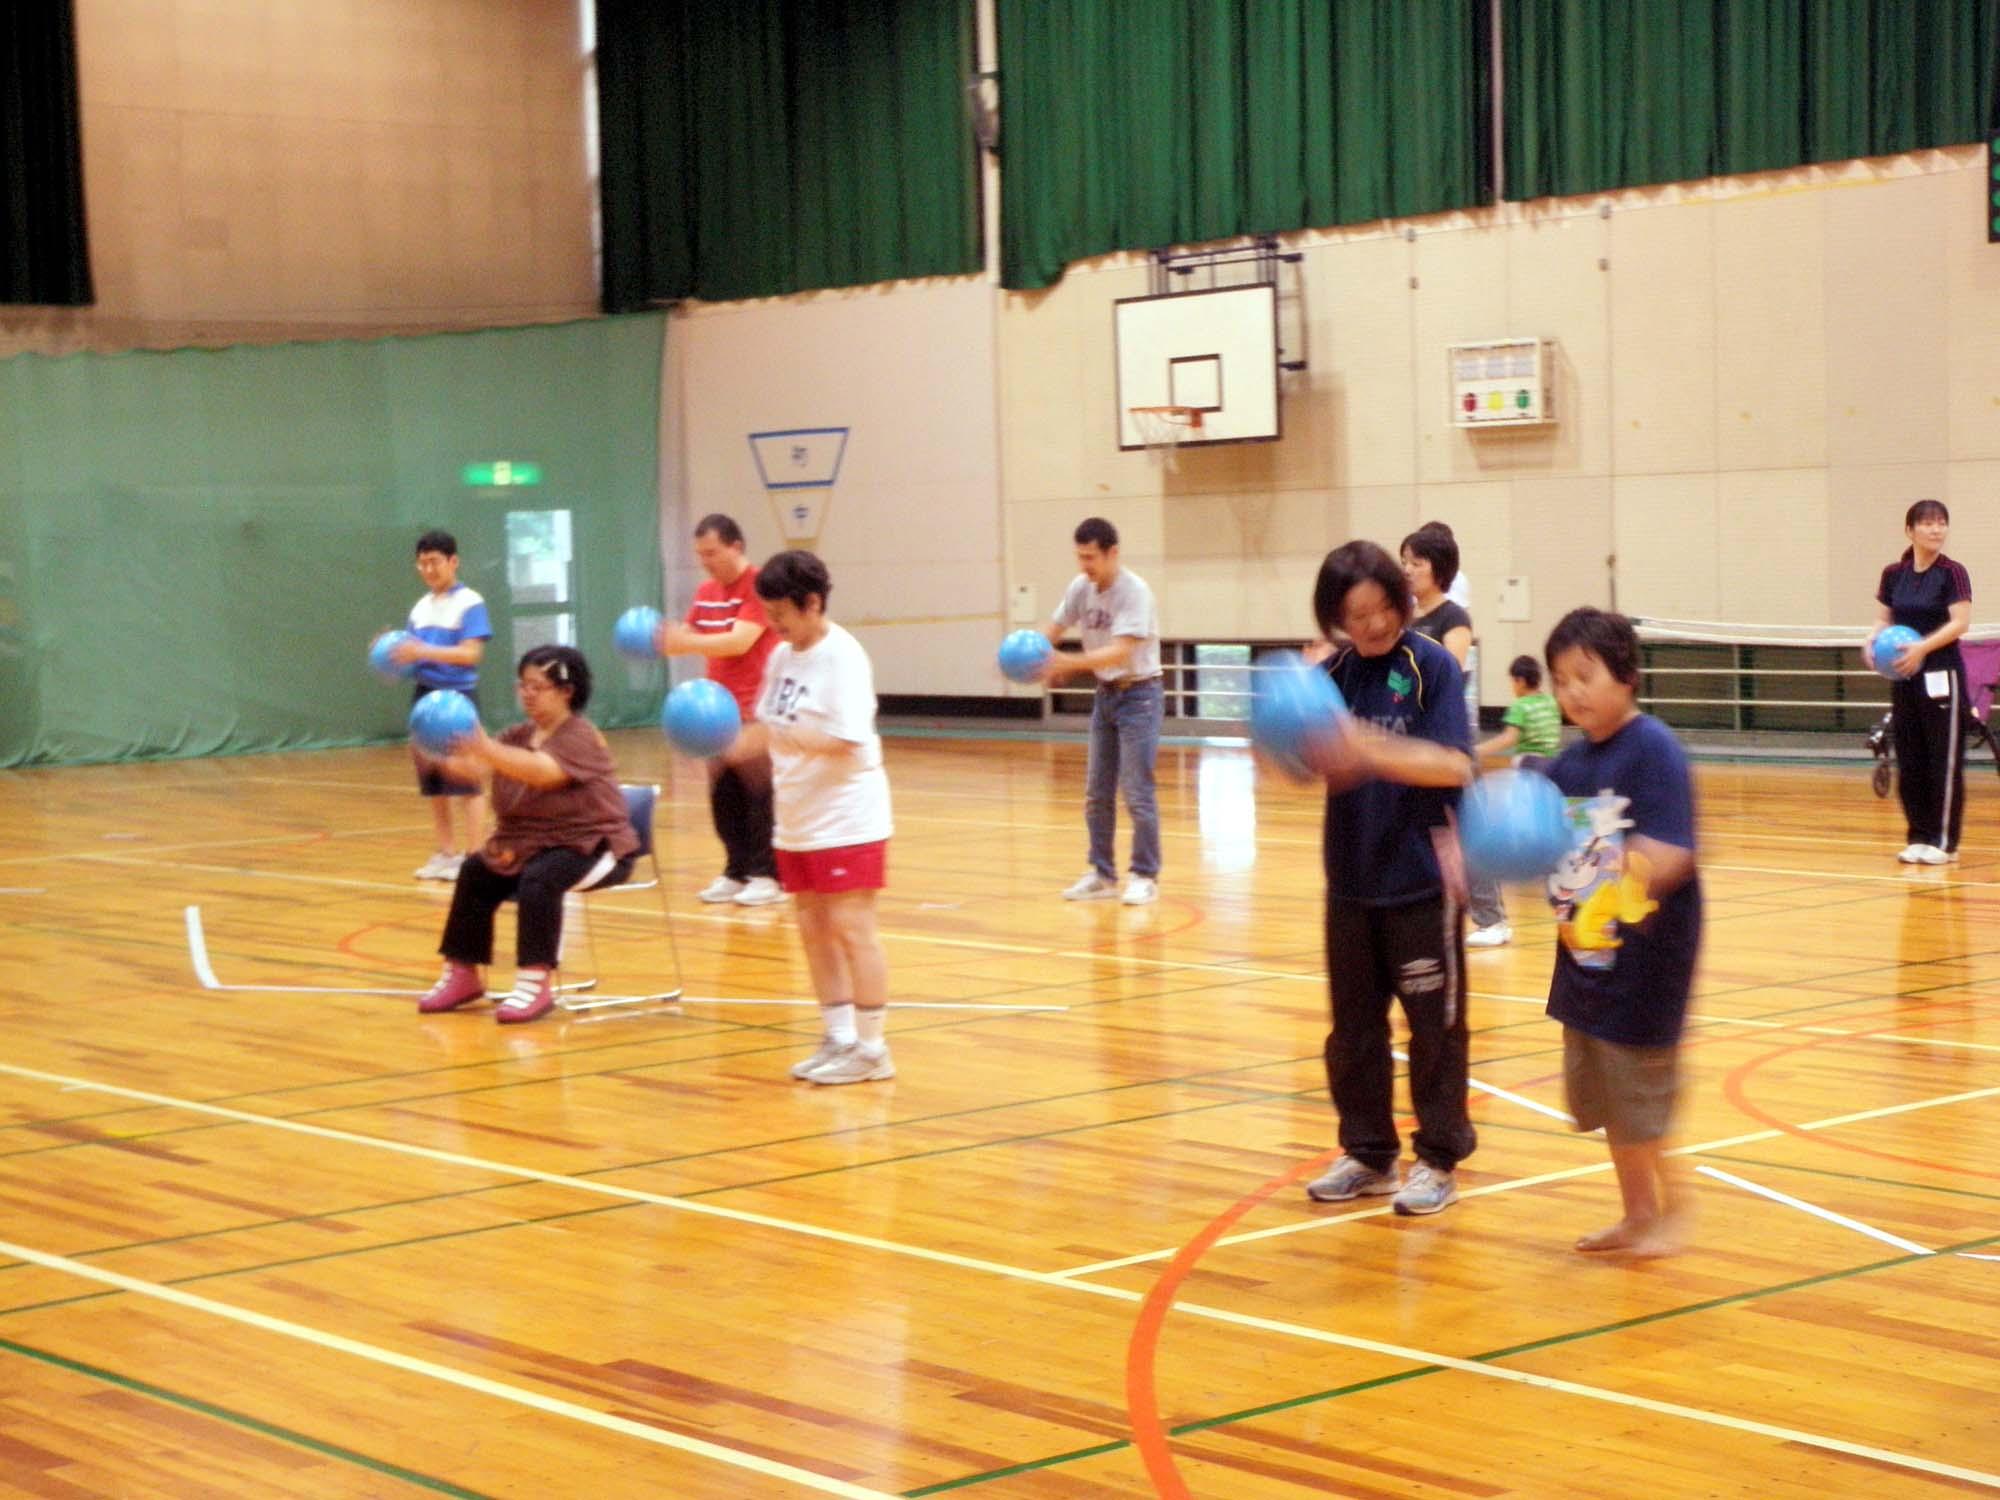 P7050297 - リズム体操教室より ・・・リズムに合わせて楽しく体を動かしています。